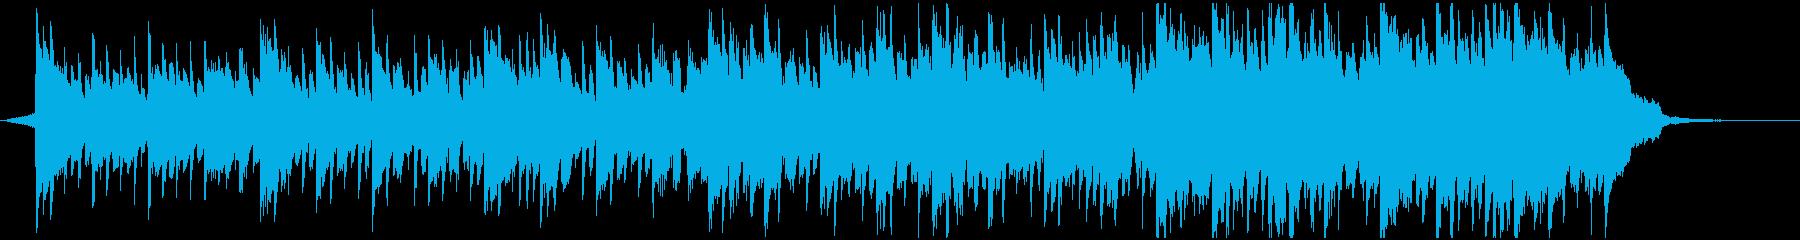 ブレイクビーツ コーポレート アク...の再生済みの波形